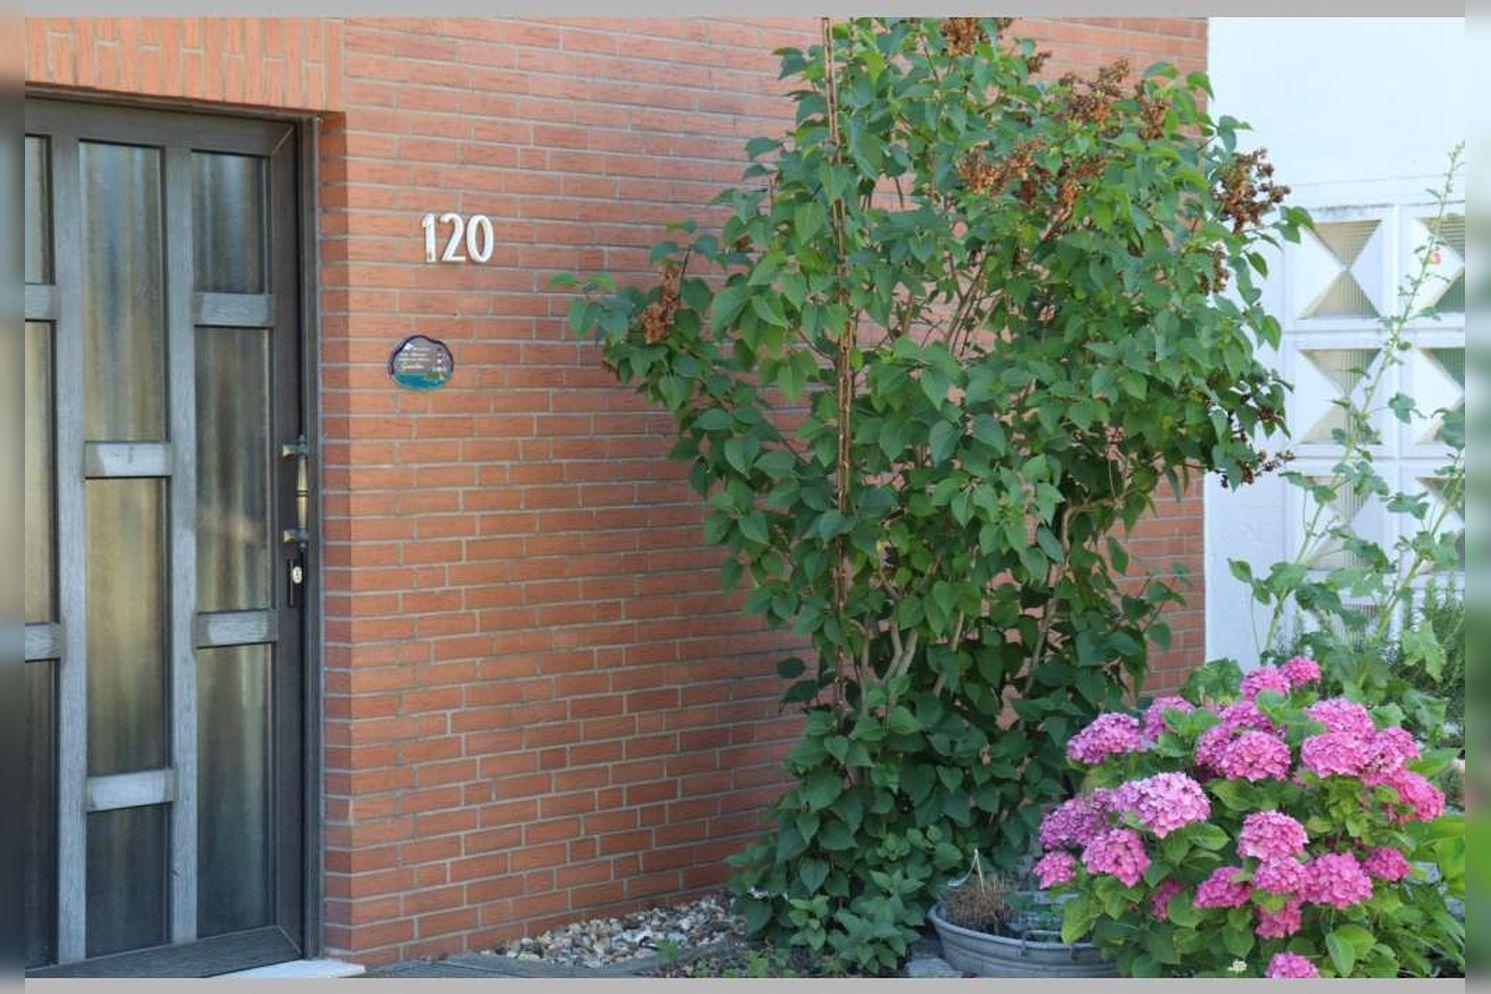 Immobilie Nr.0268 - Reihenmittelhaus mit 4 Zimmern, Küche, Diele, Badezimmer, Gäste-WC, Garten, Garage und Stellplätzen - Bild 5.jpg